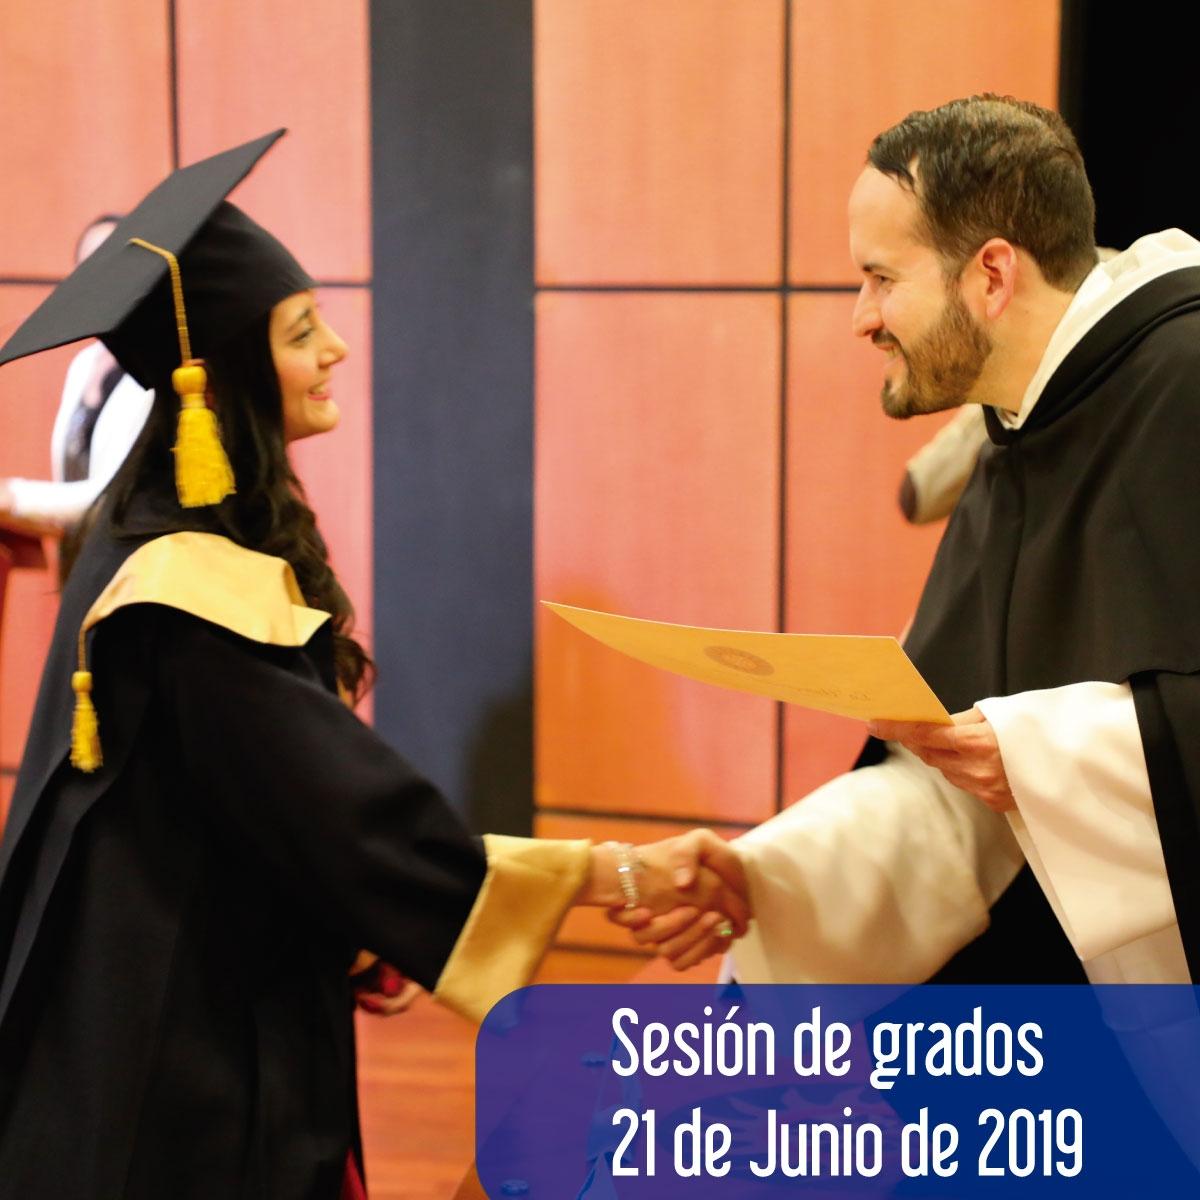 Sesión de grados 21 de Junio de 2019  -  Lista de Graduandos